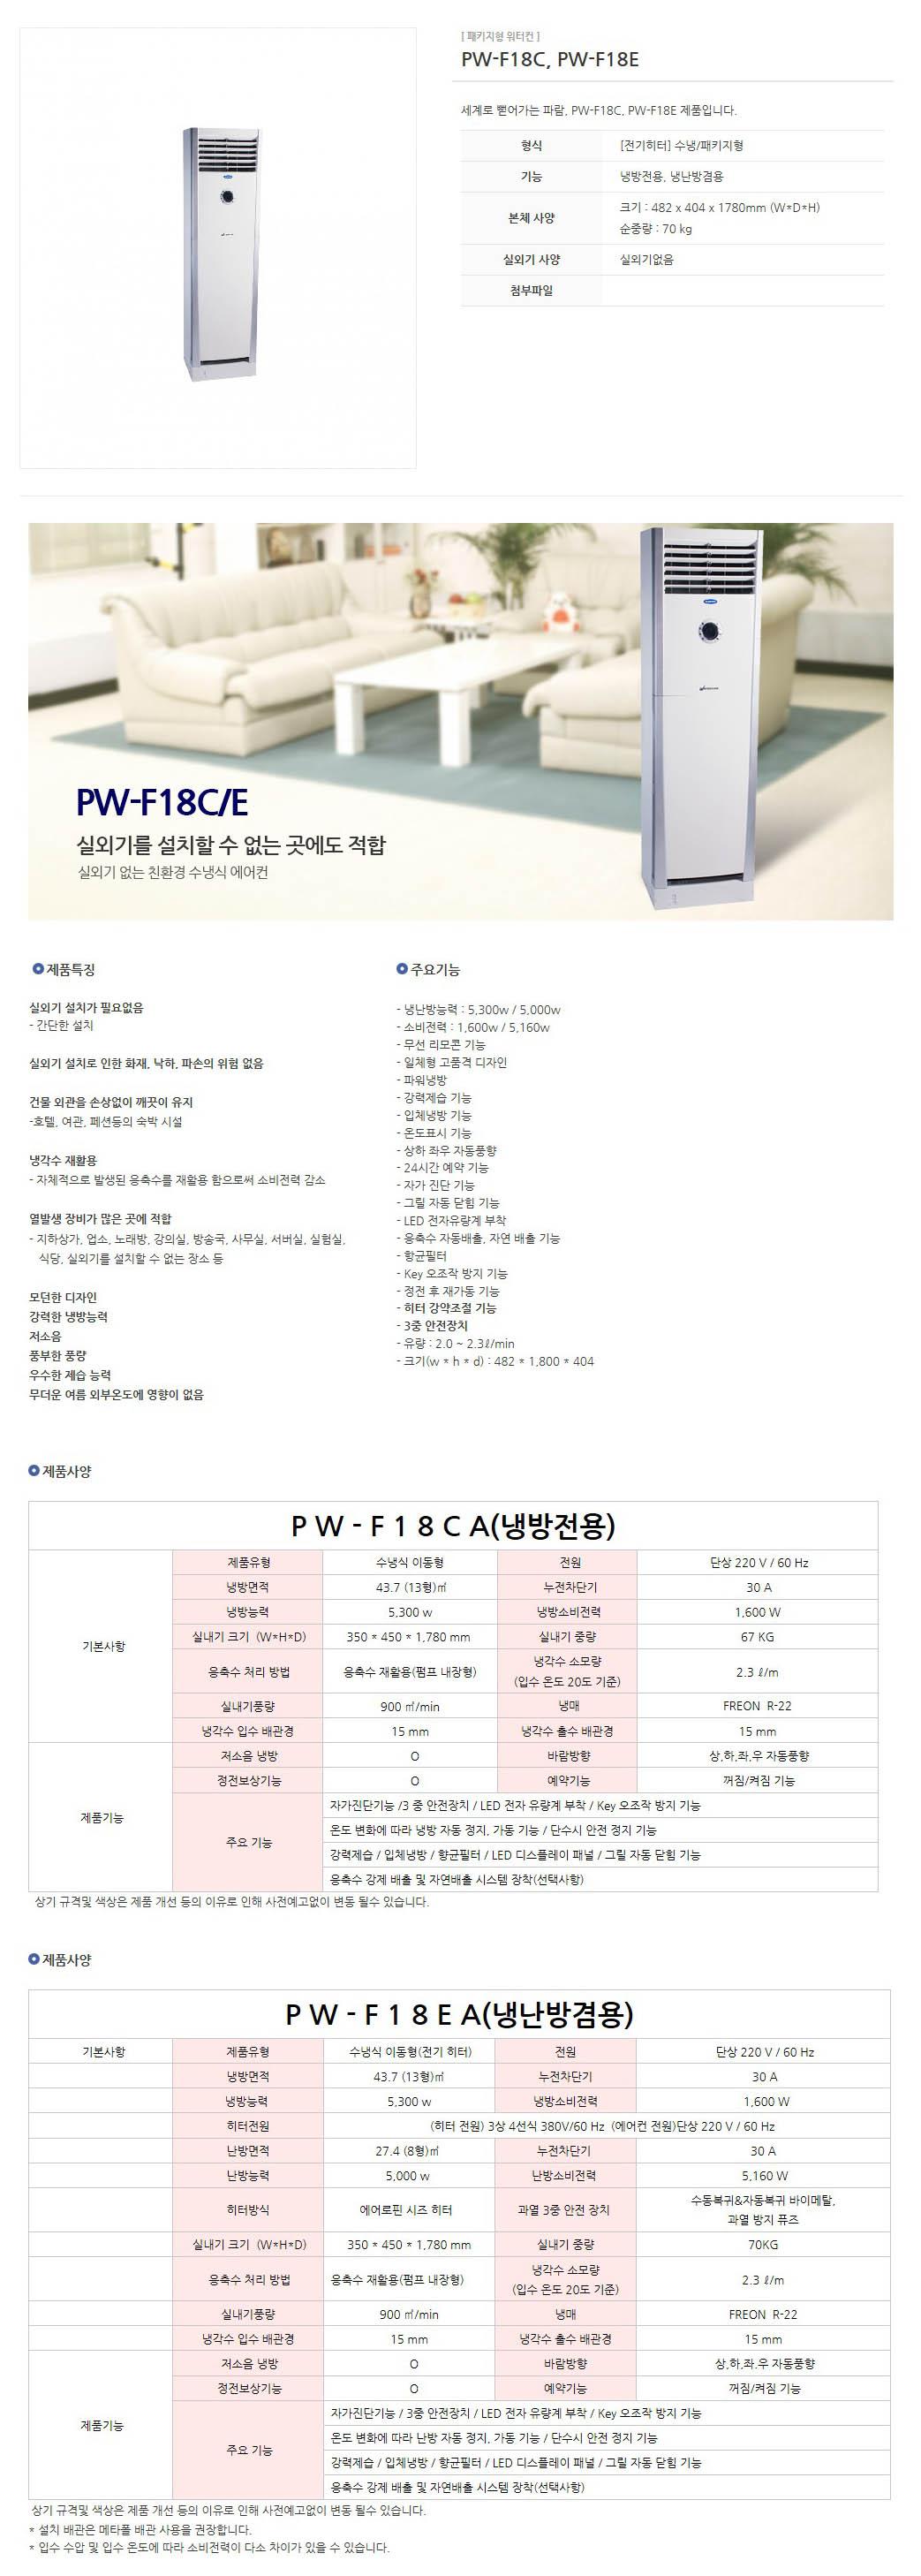 (주)파람 수냉식 에어컨 PW-F18C, PW-F18E